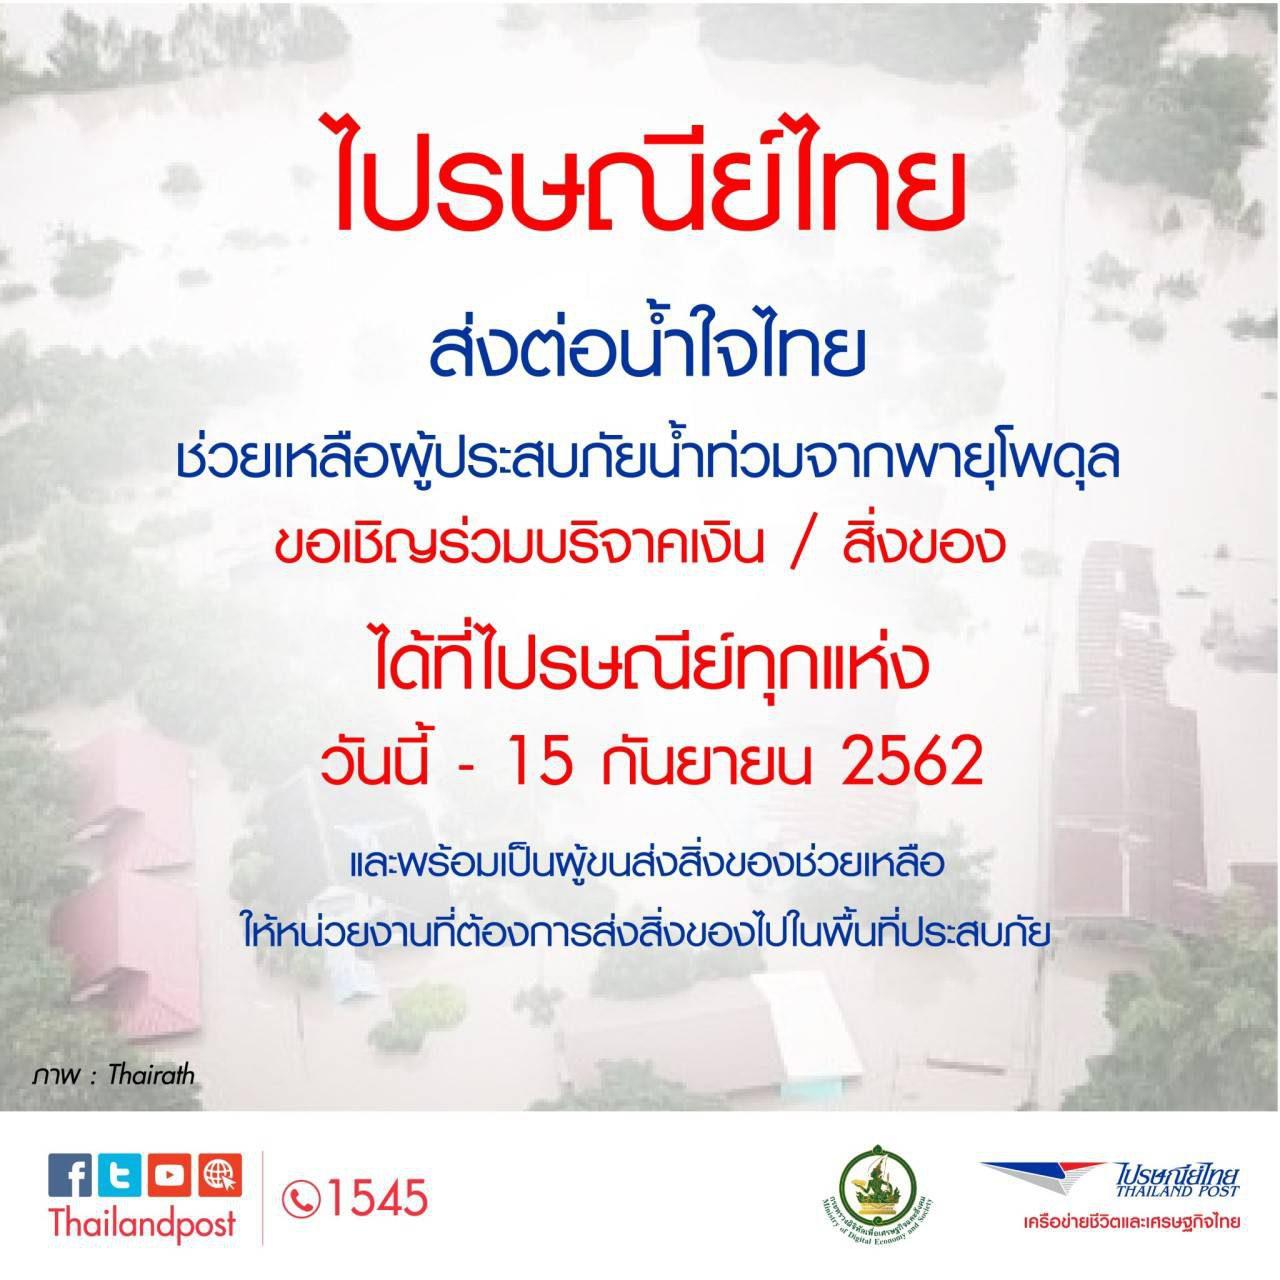 ไปรษณีย์ไทย เปิดจุดรับบริจาคเงินและสิ่งของช่วยเหลือผู้ประสบภัยพายุโพดุล